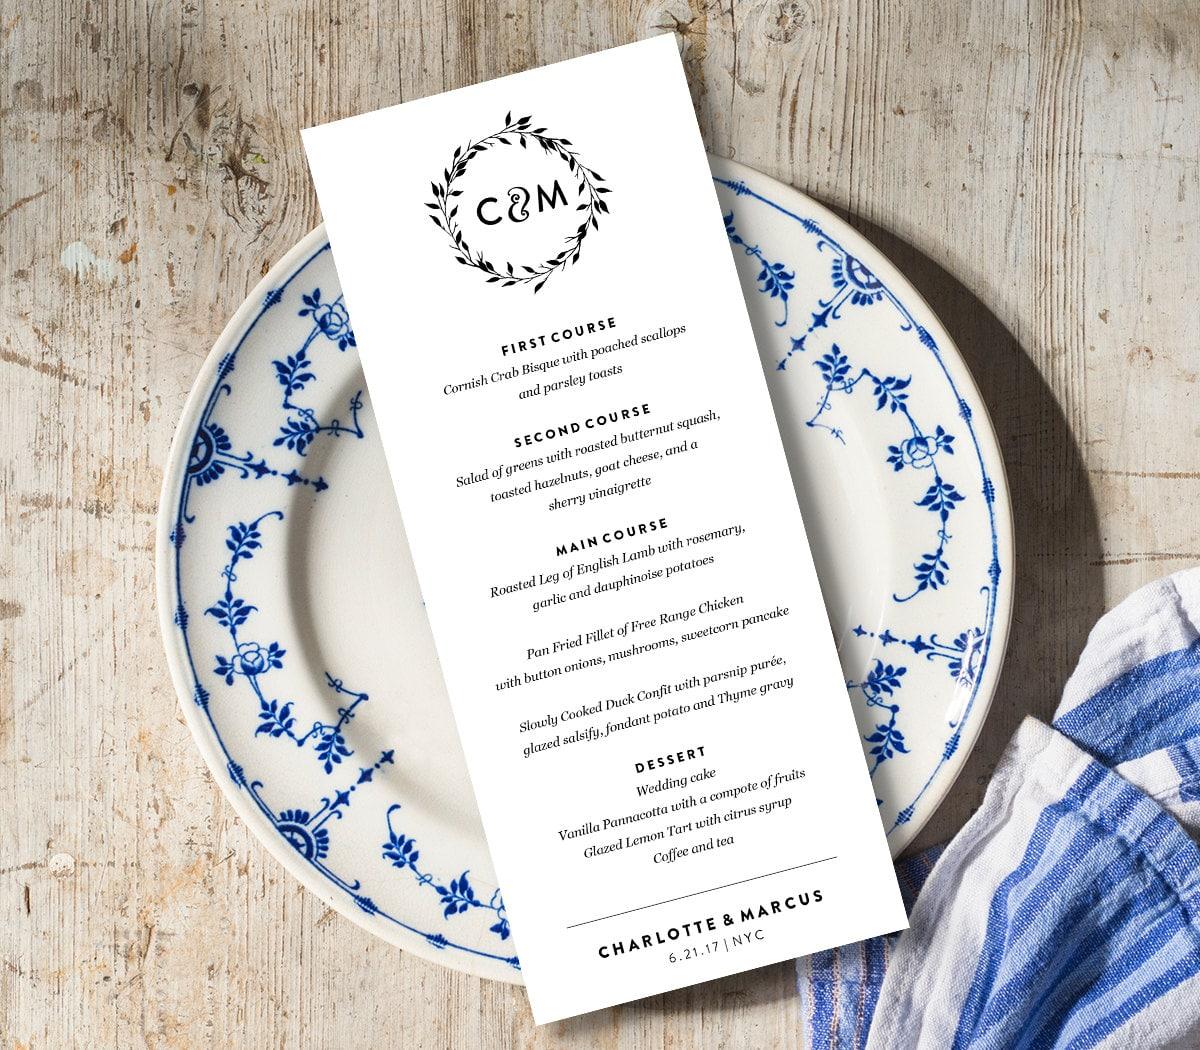 Wedding Menu Card Template, Printable Dinner Menu, Rustic Wreath ...